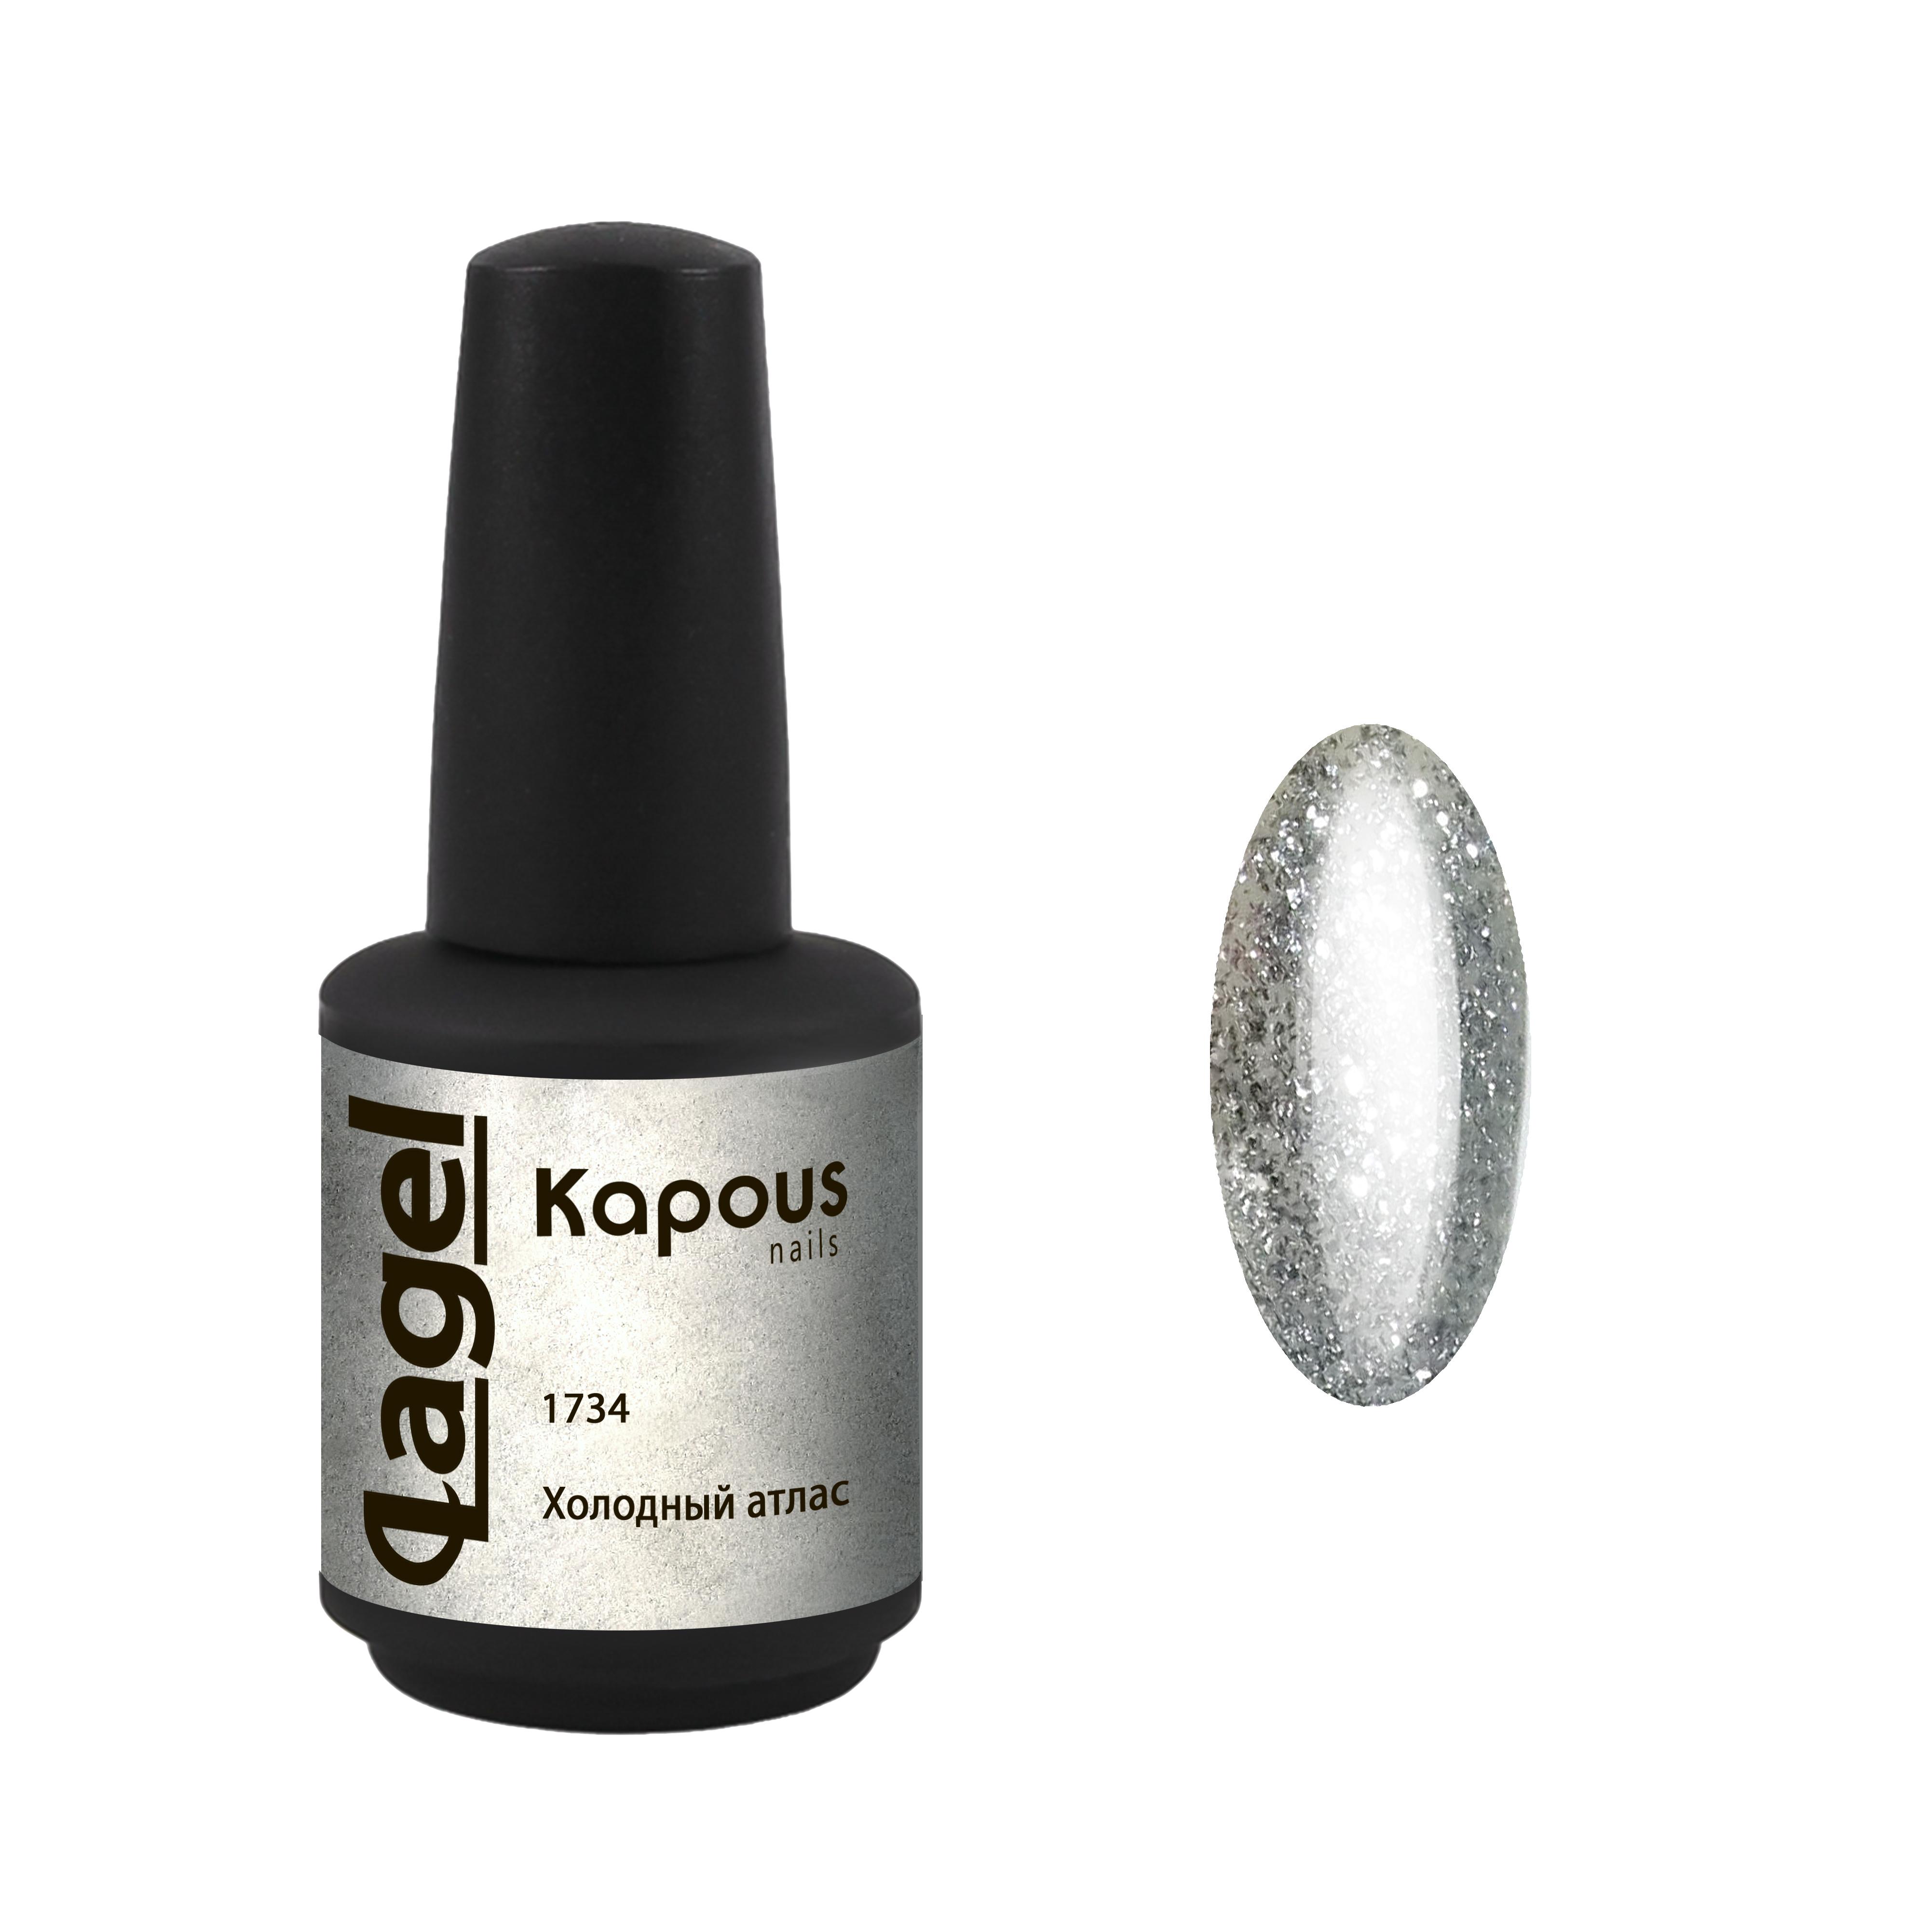 Купить KAPOUS Гель-лак для ногтей, холодный атлас / Lagel 15 мл